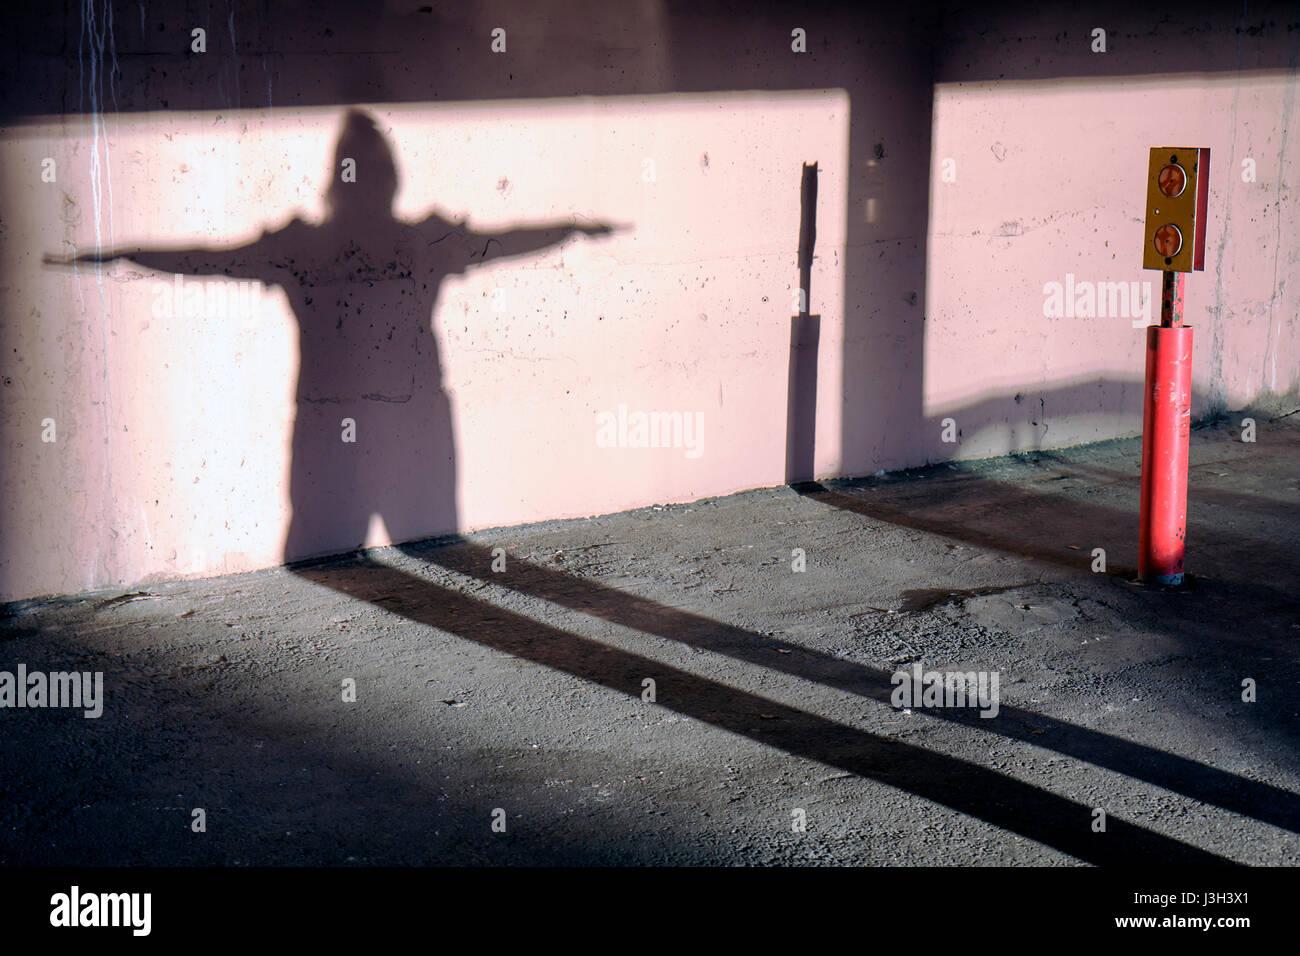 Miami Beach Florida Garage Frau langer Schatten dehnen Wand menschliche Figur Stockbild